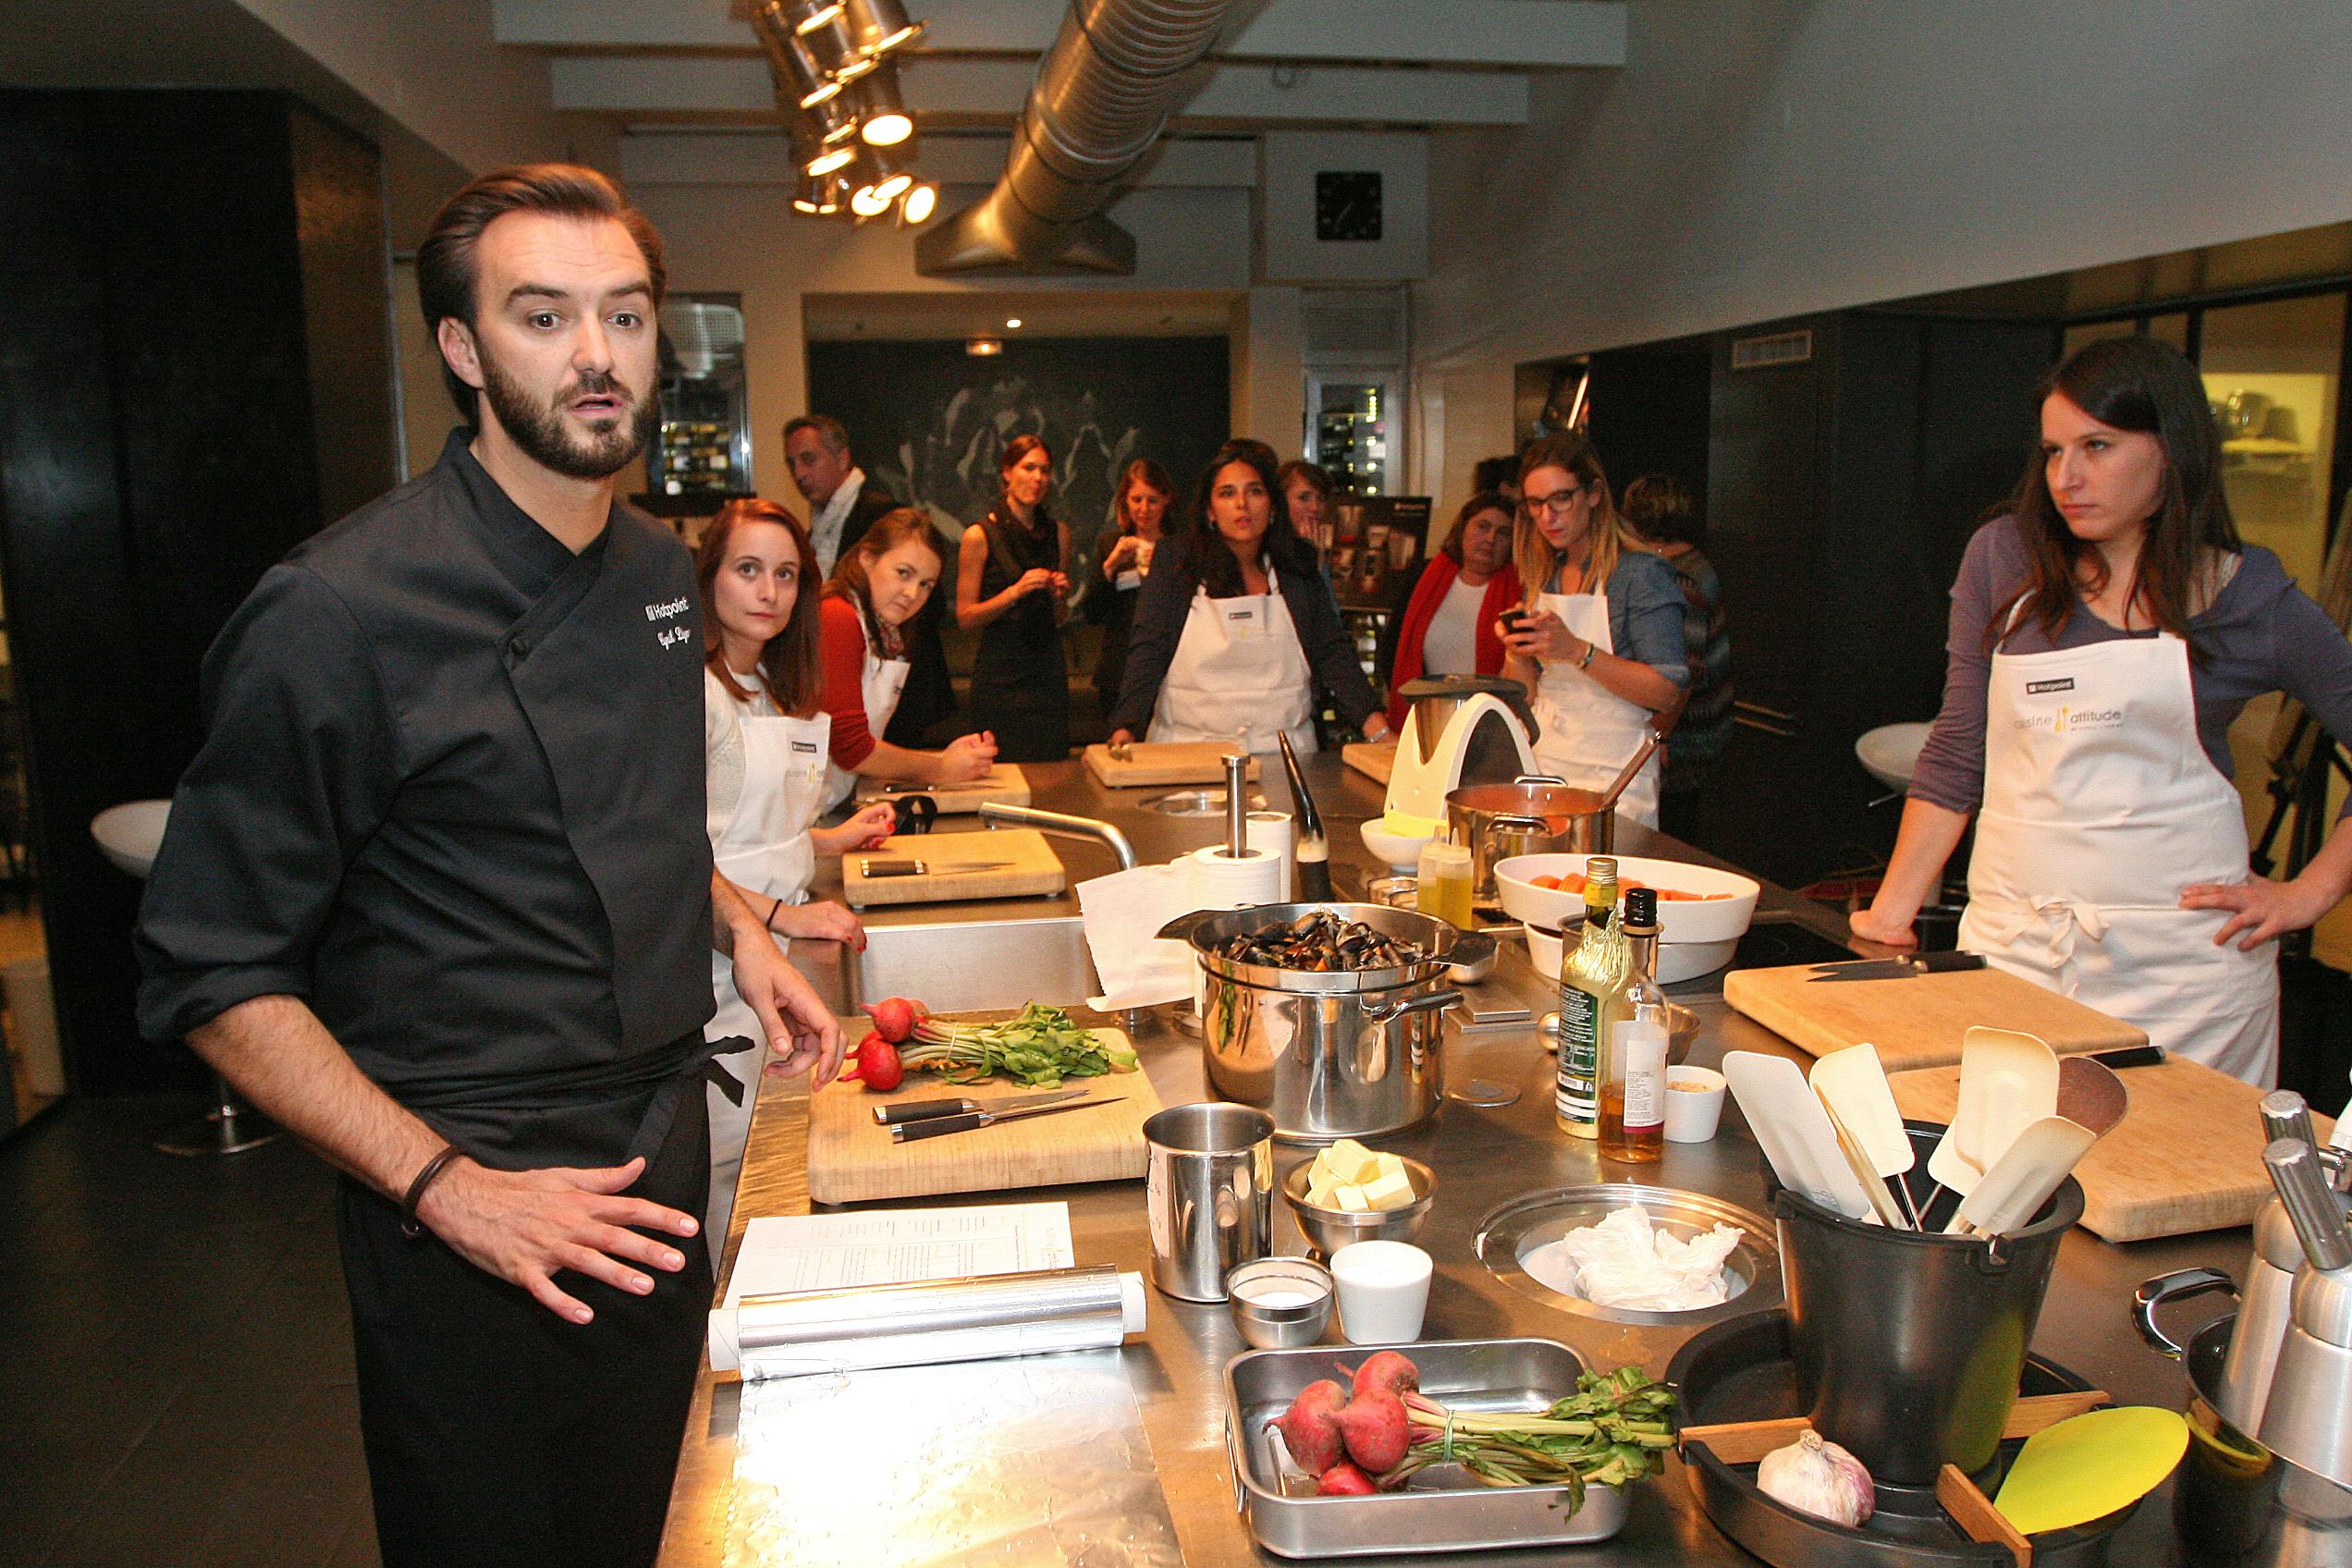 Une Soirée Avec Cyril Lignac Et HotPoint - Cours de cuisine paris cyril lignac